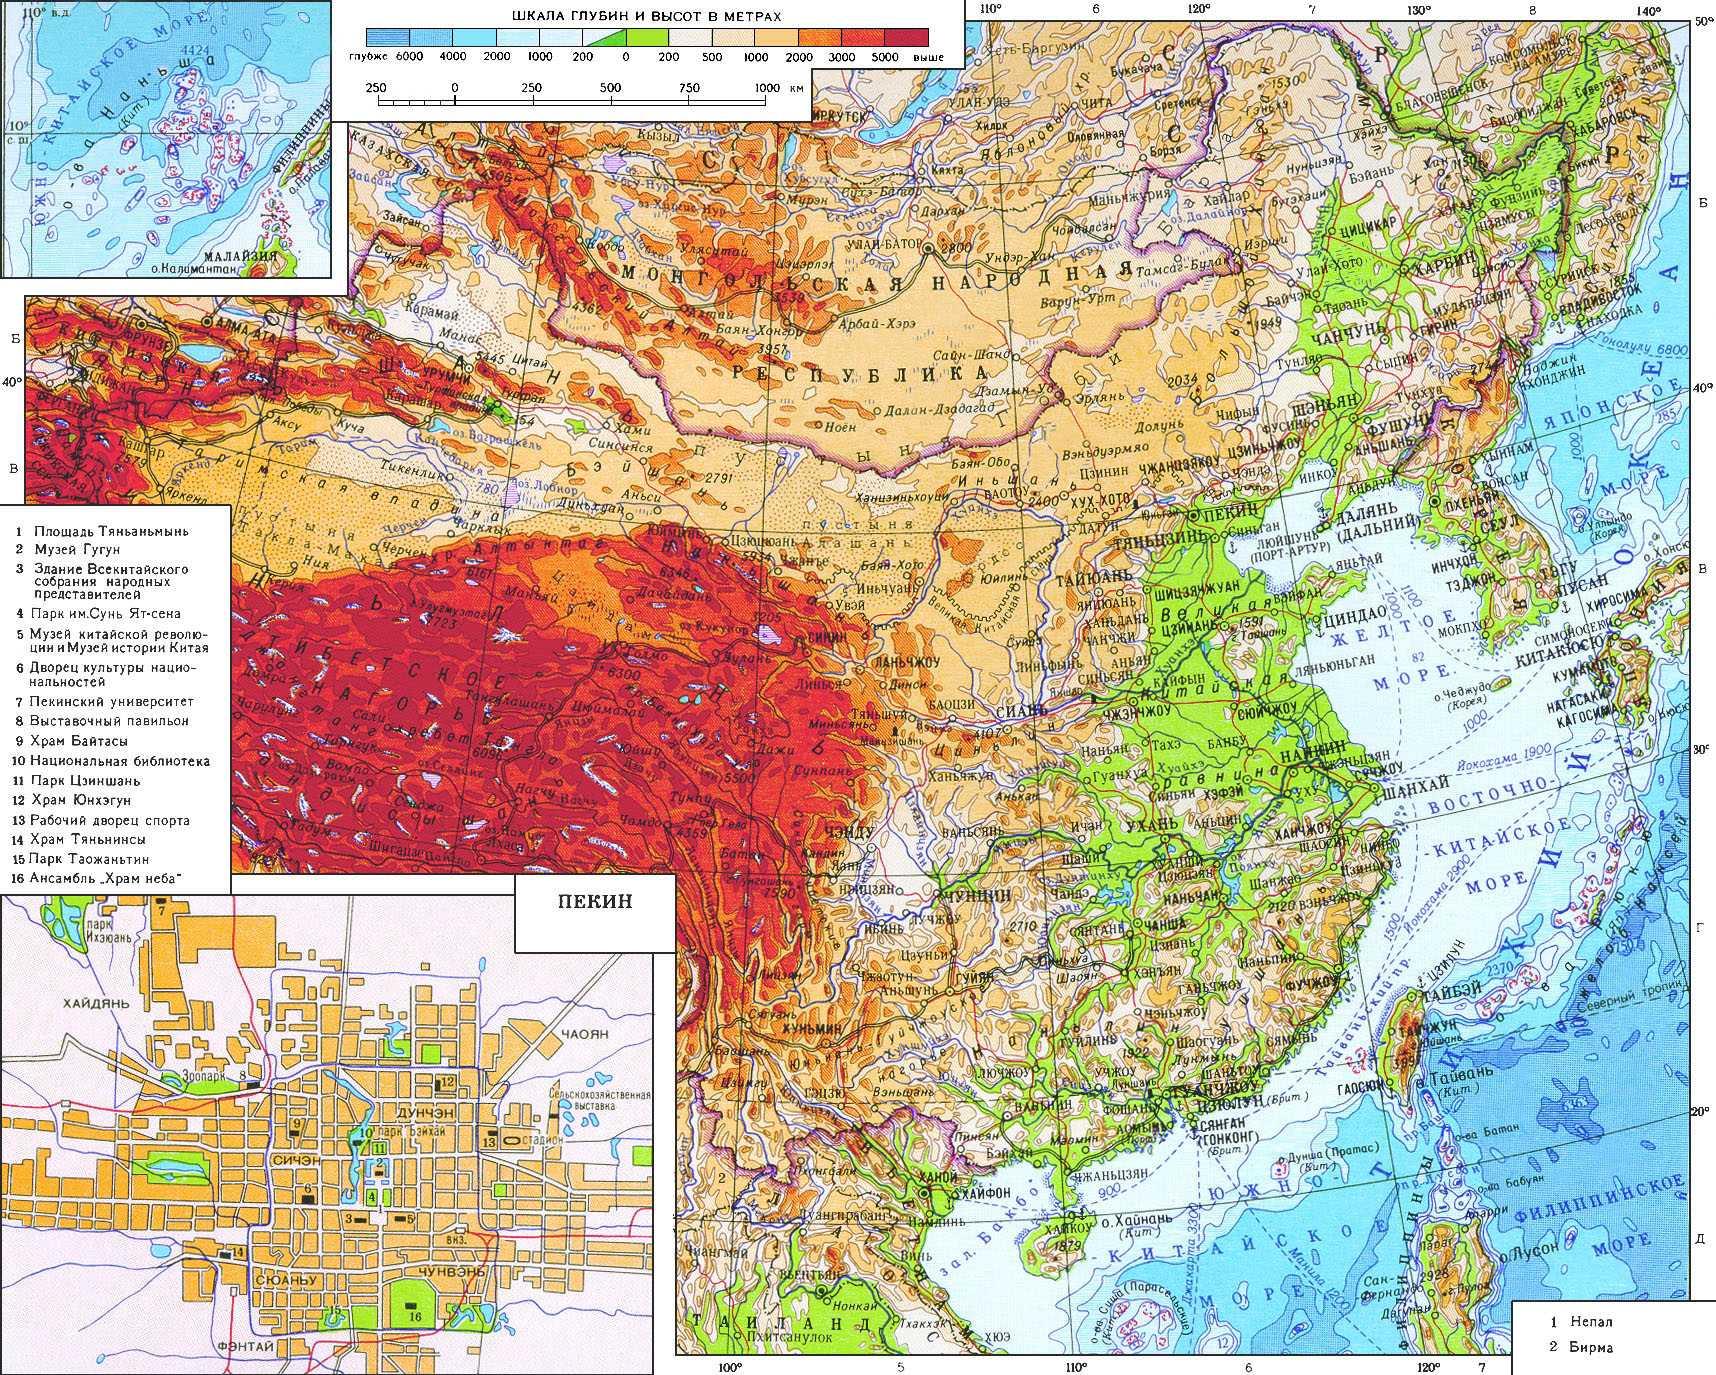 Где на карте находятся великая китайская равнина